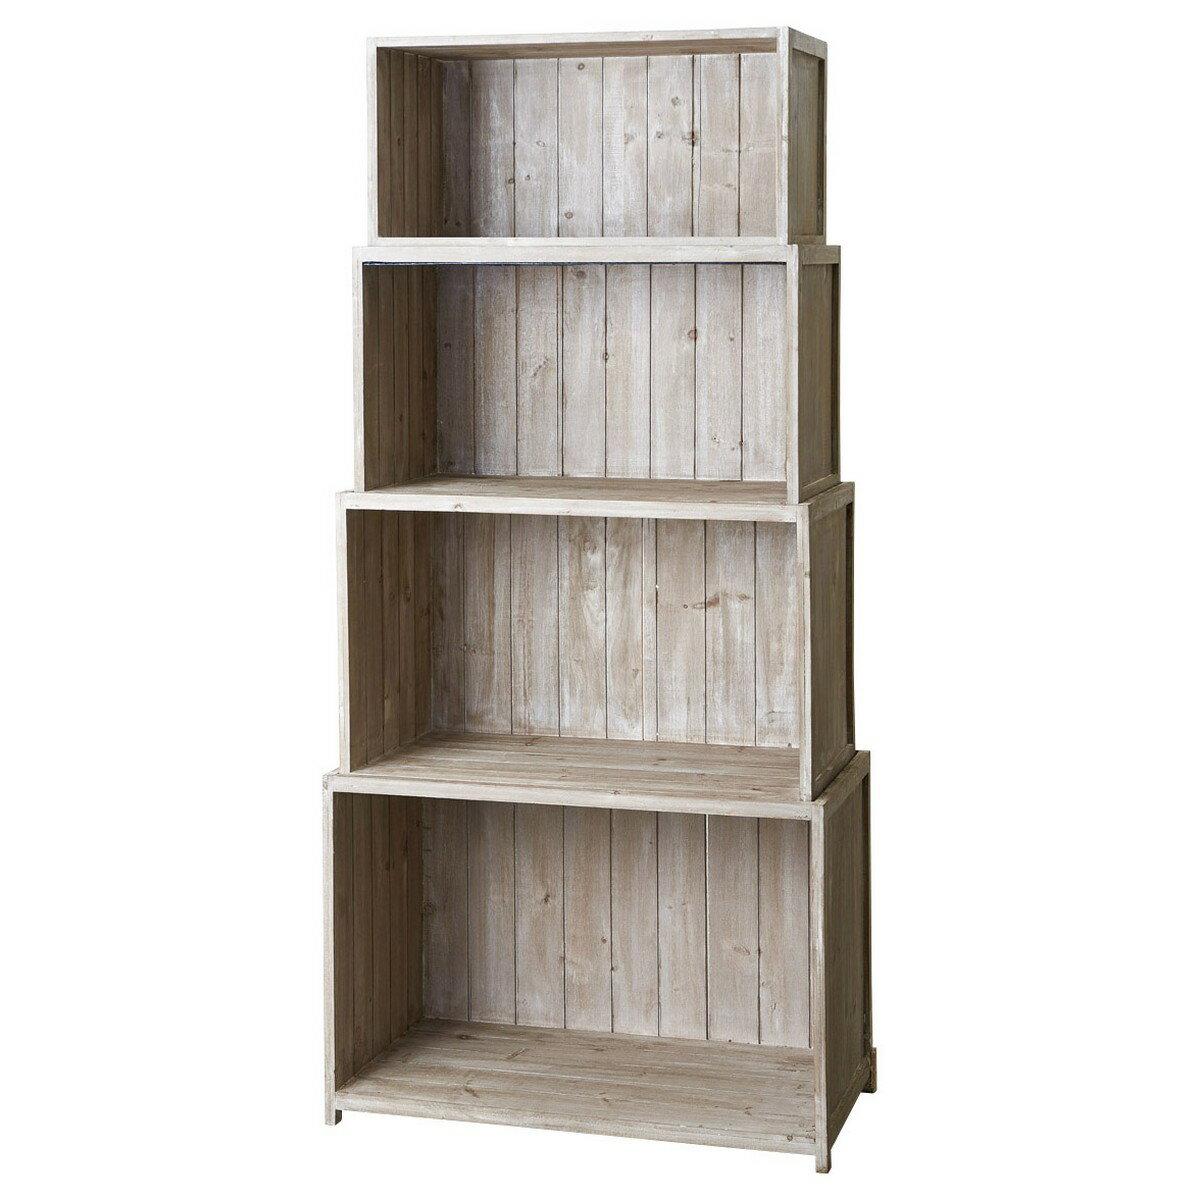 スタッキングウッド棚MZ-01 ナチュラルホワイト/193-1-1【02】《 インテリア雑貨 家具・収納 小物収納・収納ボックス 》 《 インテリア雑貨 家具・収納 小物収納・収納ボックス 》